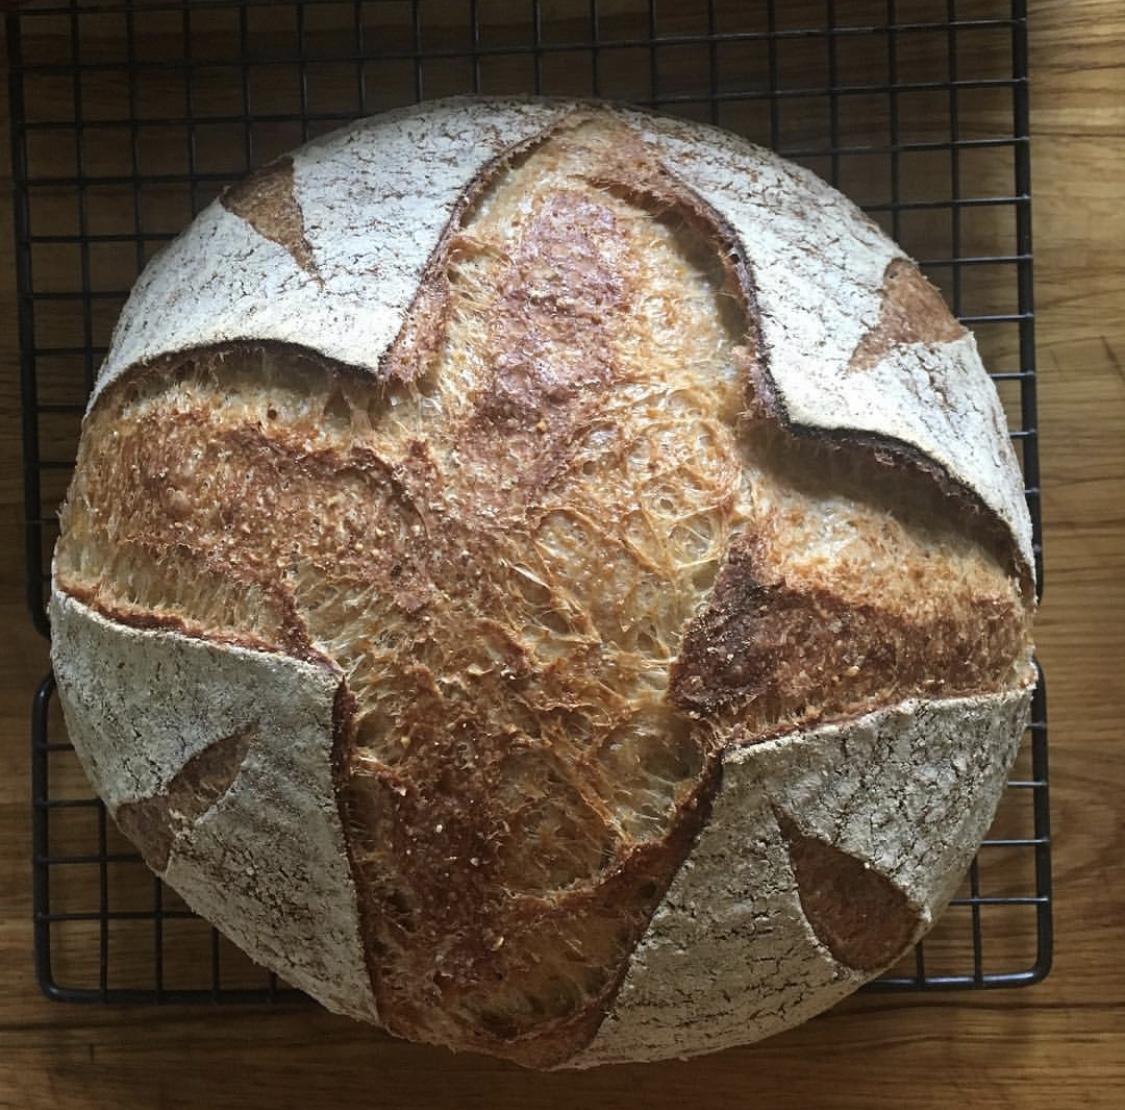 el bread shop